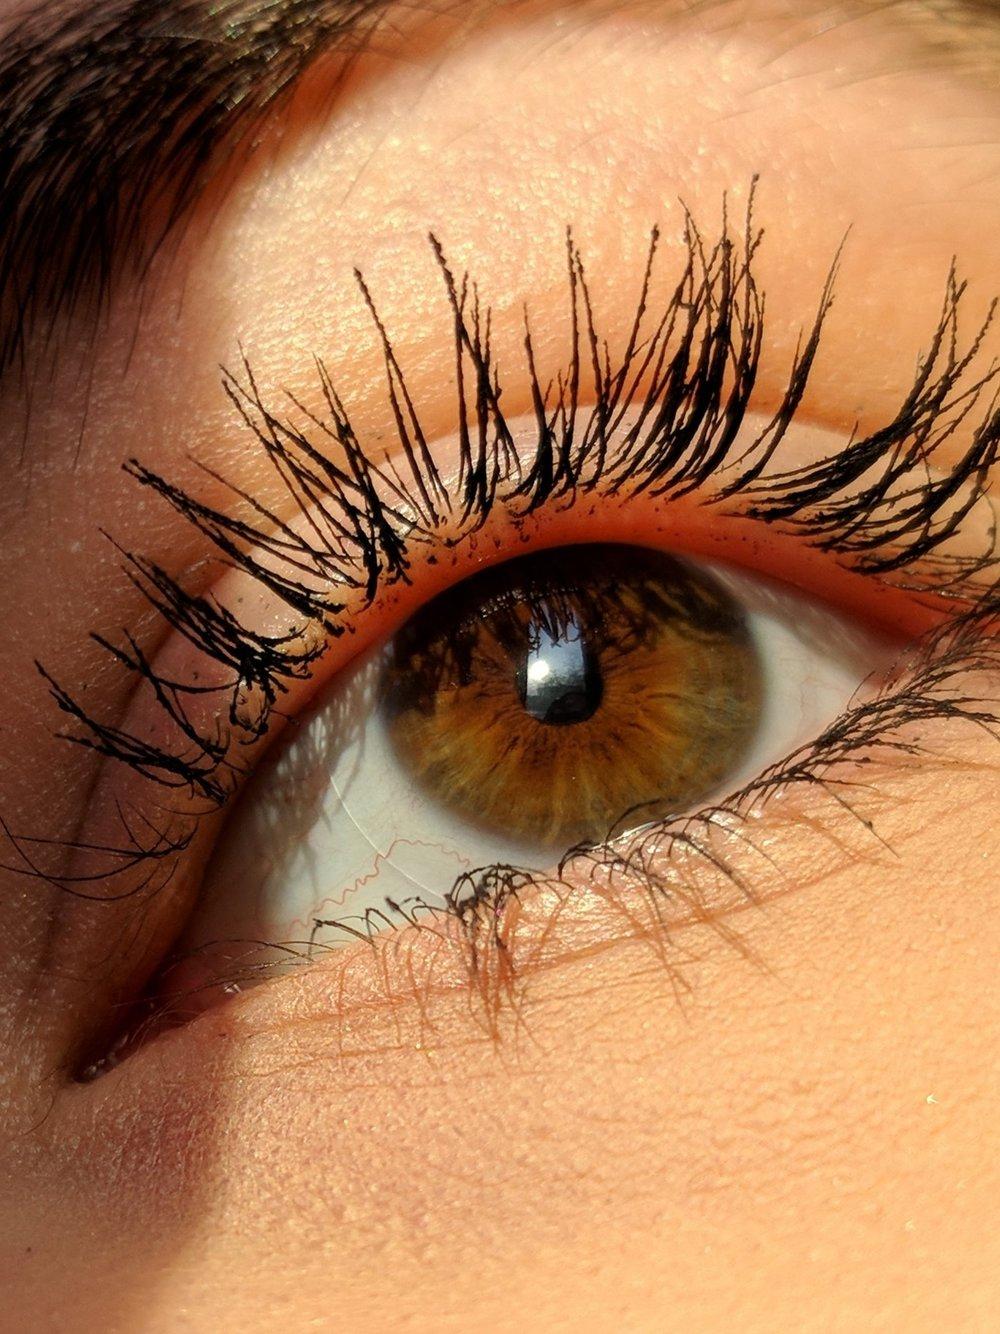 REHAUSSEMENT DES CILS - Un résultat à couper le souffle qui donne à l'œil tout son éclat !Vos cils paraissent plus longs et plus denses !Le rehaussement de cils pour plus de longueur et de hauteur.Et ceci, sans appliquer des faux cils ou effectuer une permanente de cils traditionnelle.